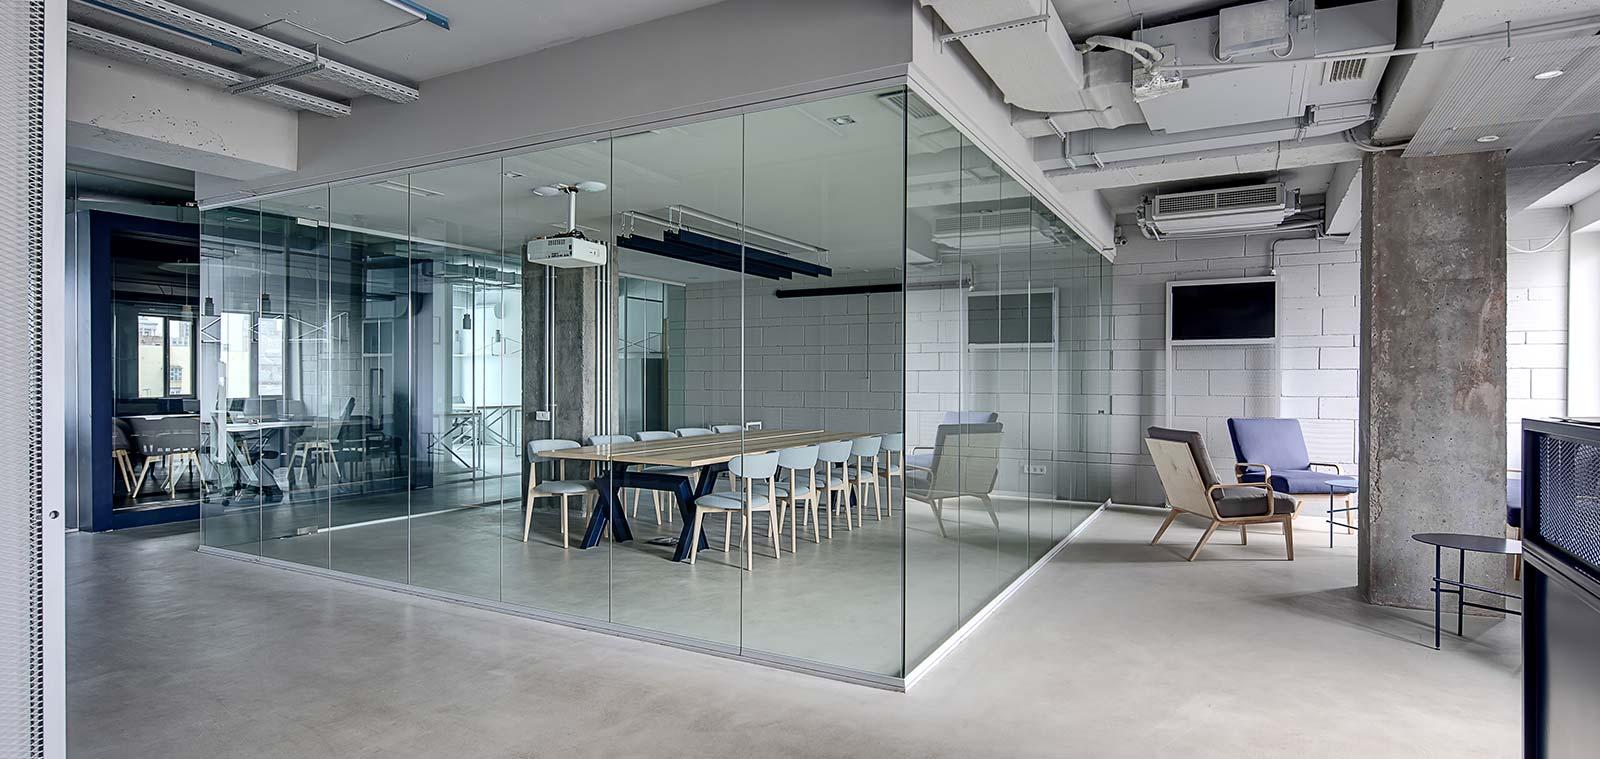 Виготовлення та монтаж склянних перегородок в інтер'єрі вашого будинку чи офісу